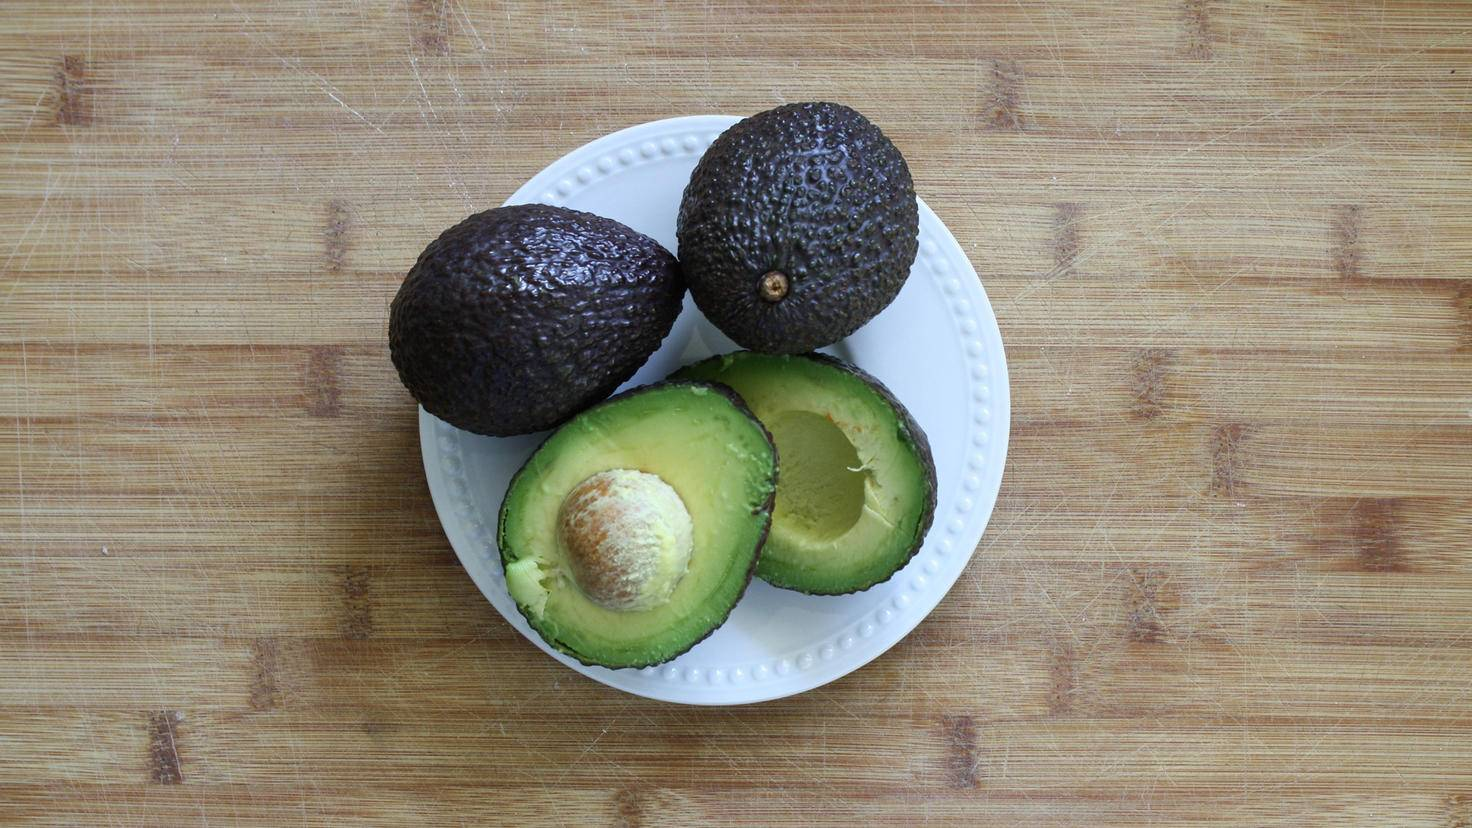 Der Kern ist das größte Hindernis zum leckeren Avocadofleisch.